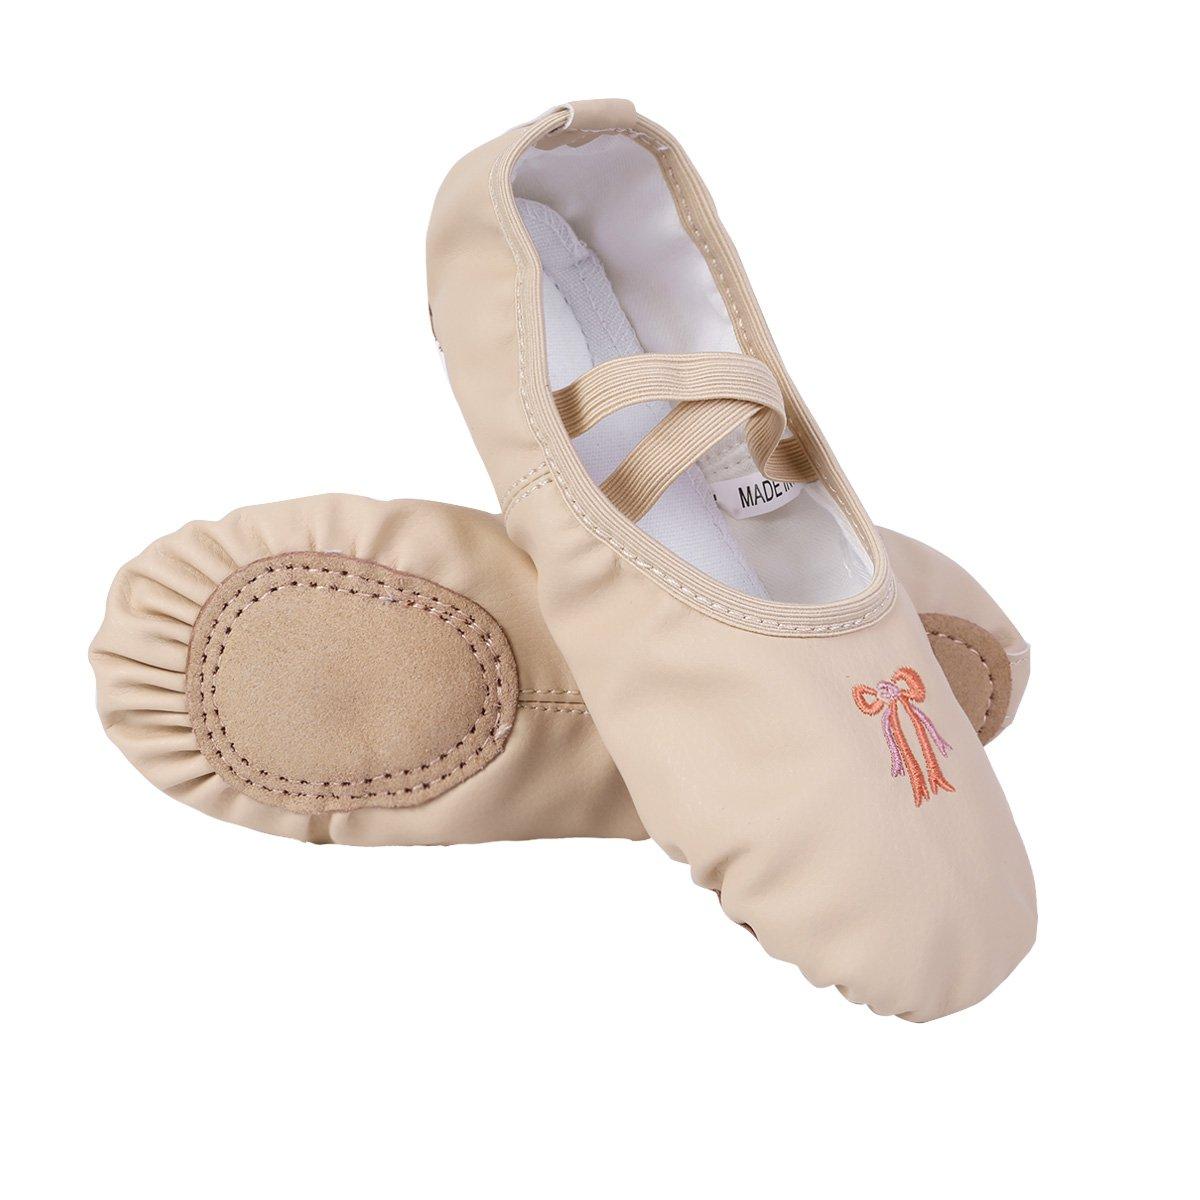 CHICTRY Zapatillas de Ballet Danza para Niña Transpirable Zapatos Clásico Zapatillas de Bailarina Gimnasia Niña Ligero Plegable